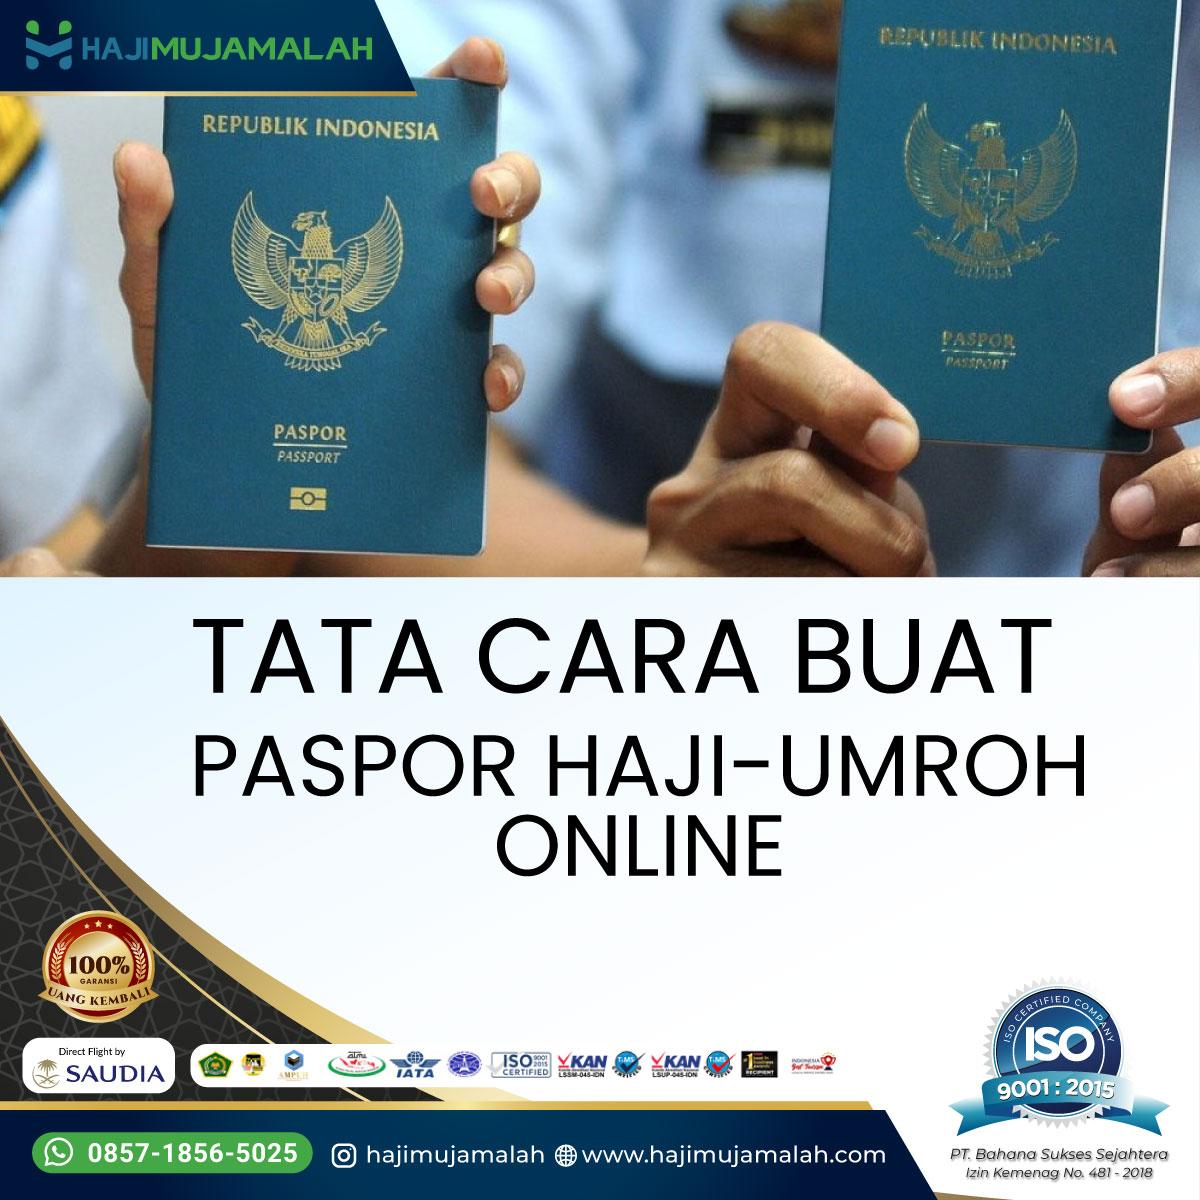 Cara dan Persyaratan Membuat Paspor Haji Umroh Secara Online